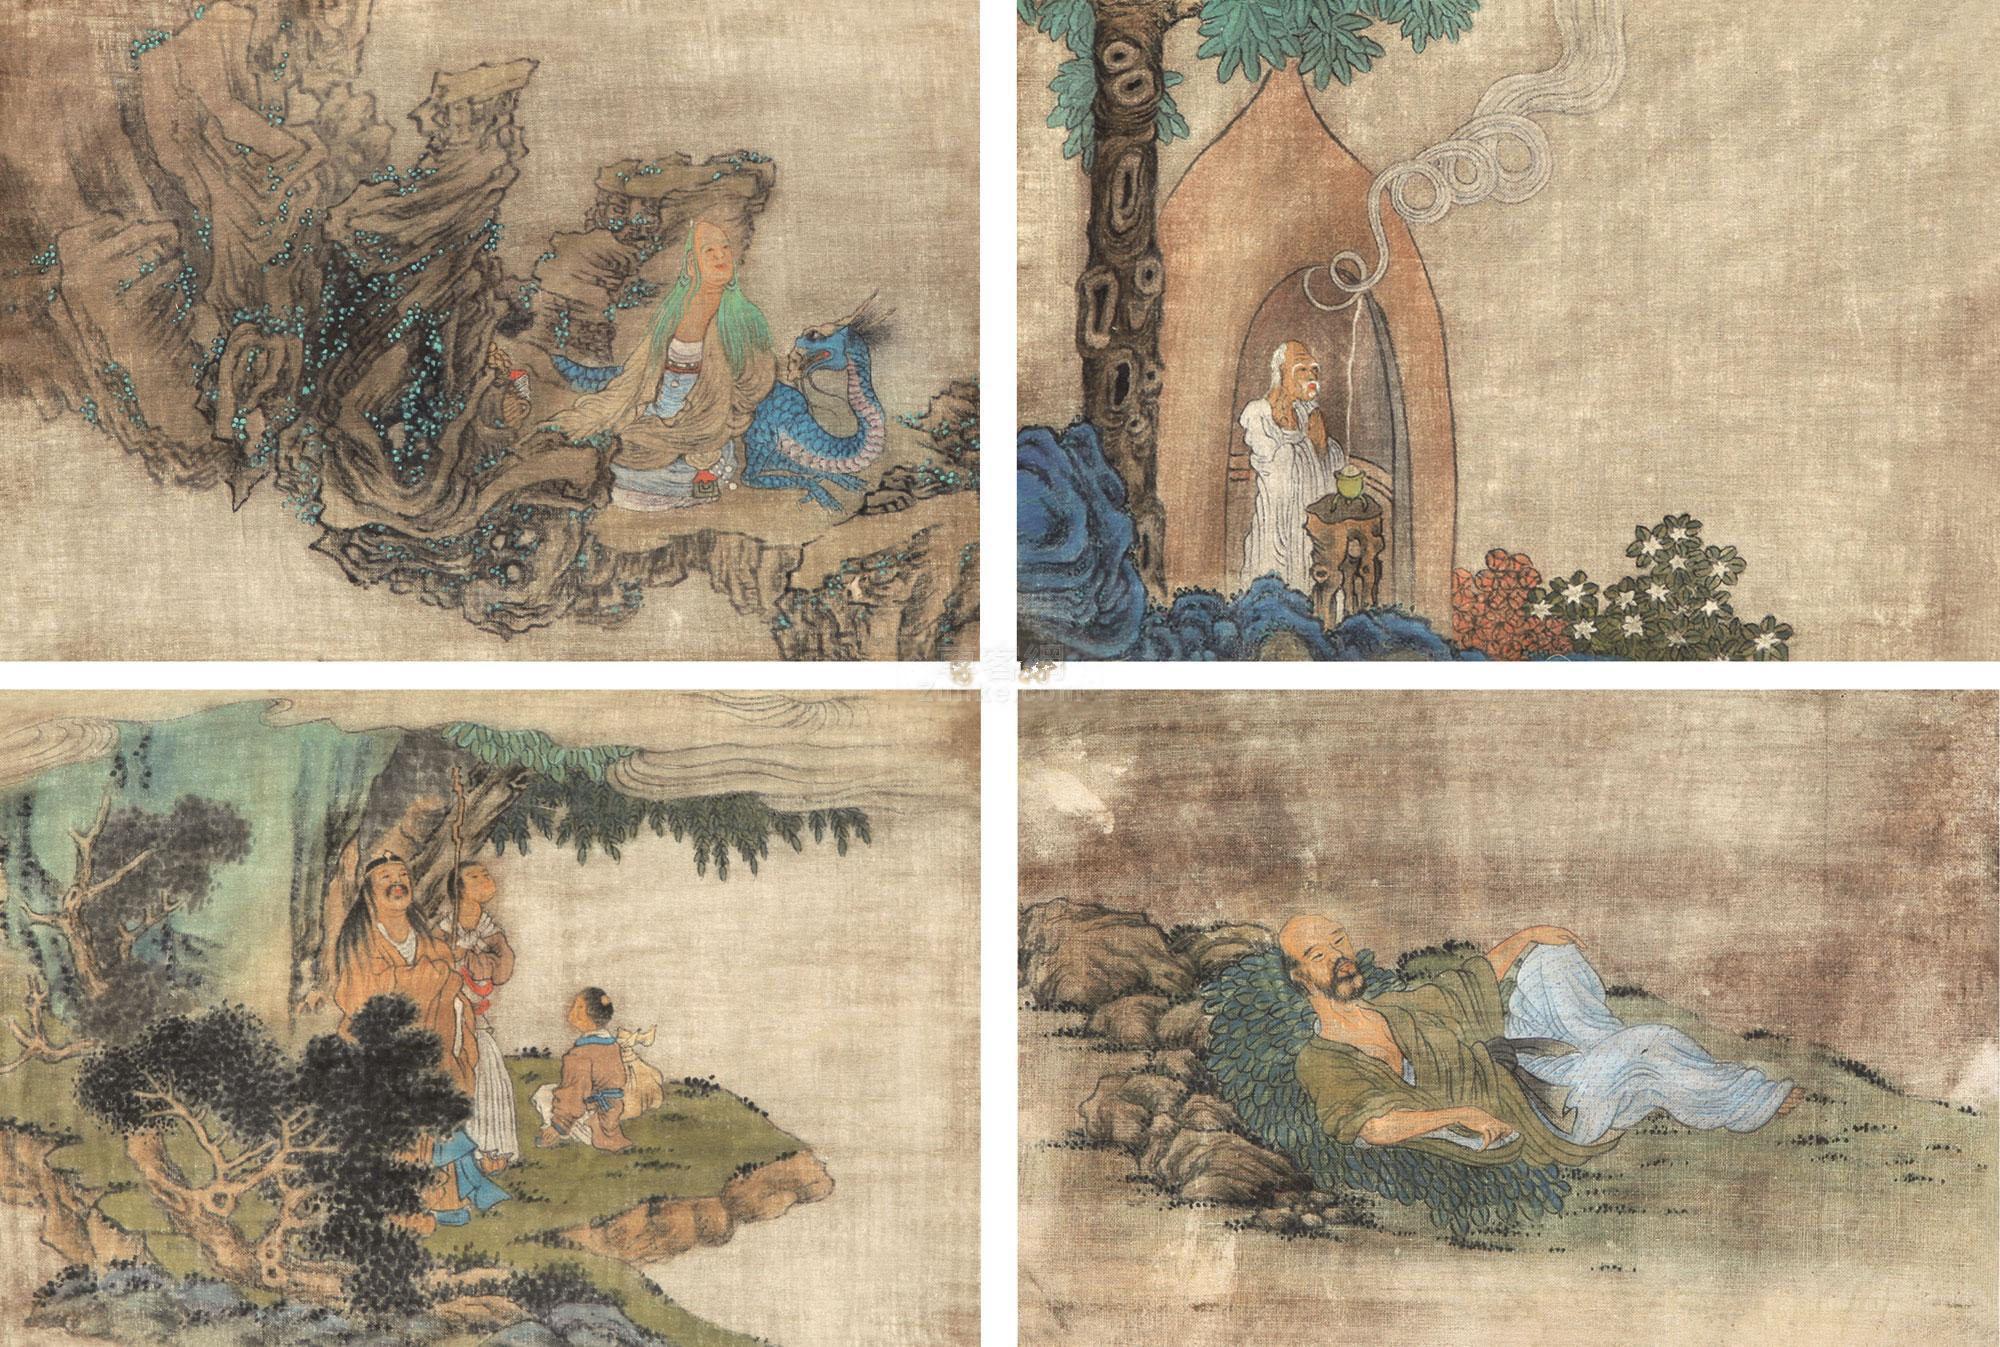 佚名 达摩 单片 绢本作品欣赏